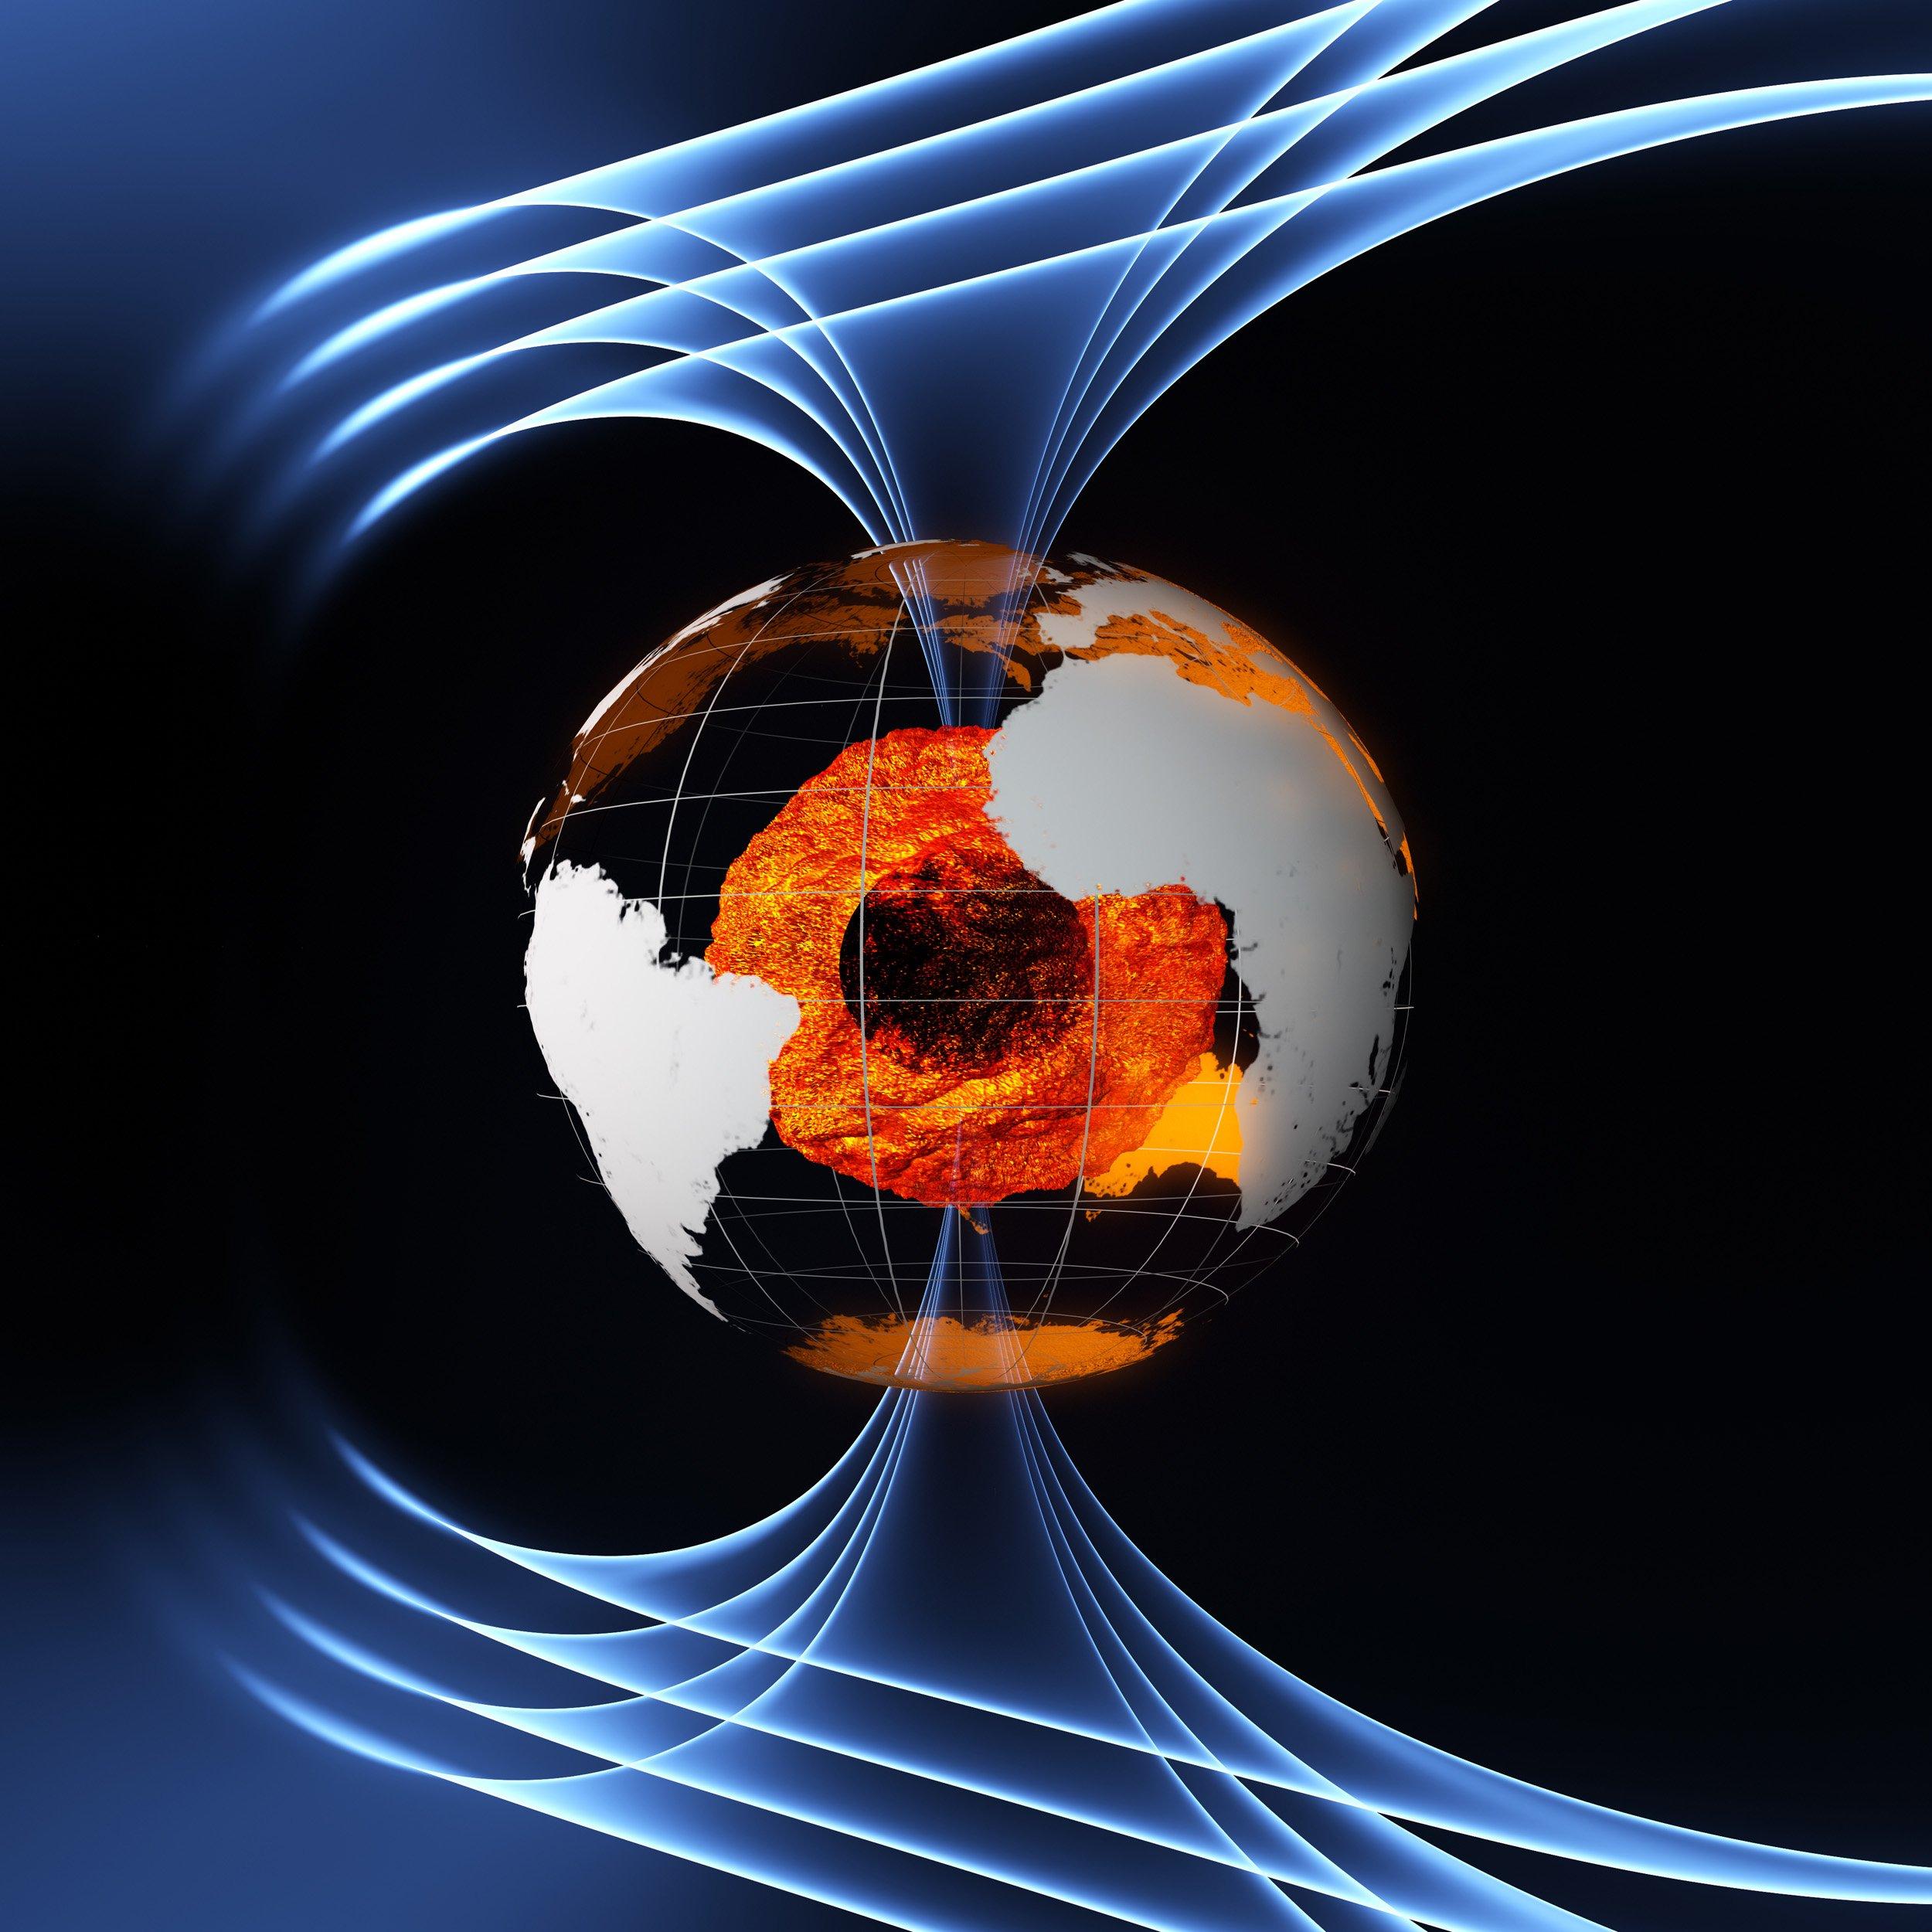 Das Magnetfeld umgibt die Erde wie eine Hülle und schützt uns vor kosmischer Strahlung und dem Sonnenwind. Wie bei einem gigantischen Dynamo wird das Magnetfeld hauptsächlich durch einen flüssigen heißen Strom aus Eisen, der 30.000 Kilometer unter unseren Füßen fließt, erzeugt.